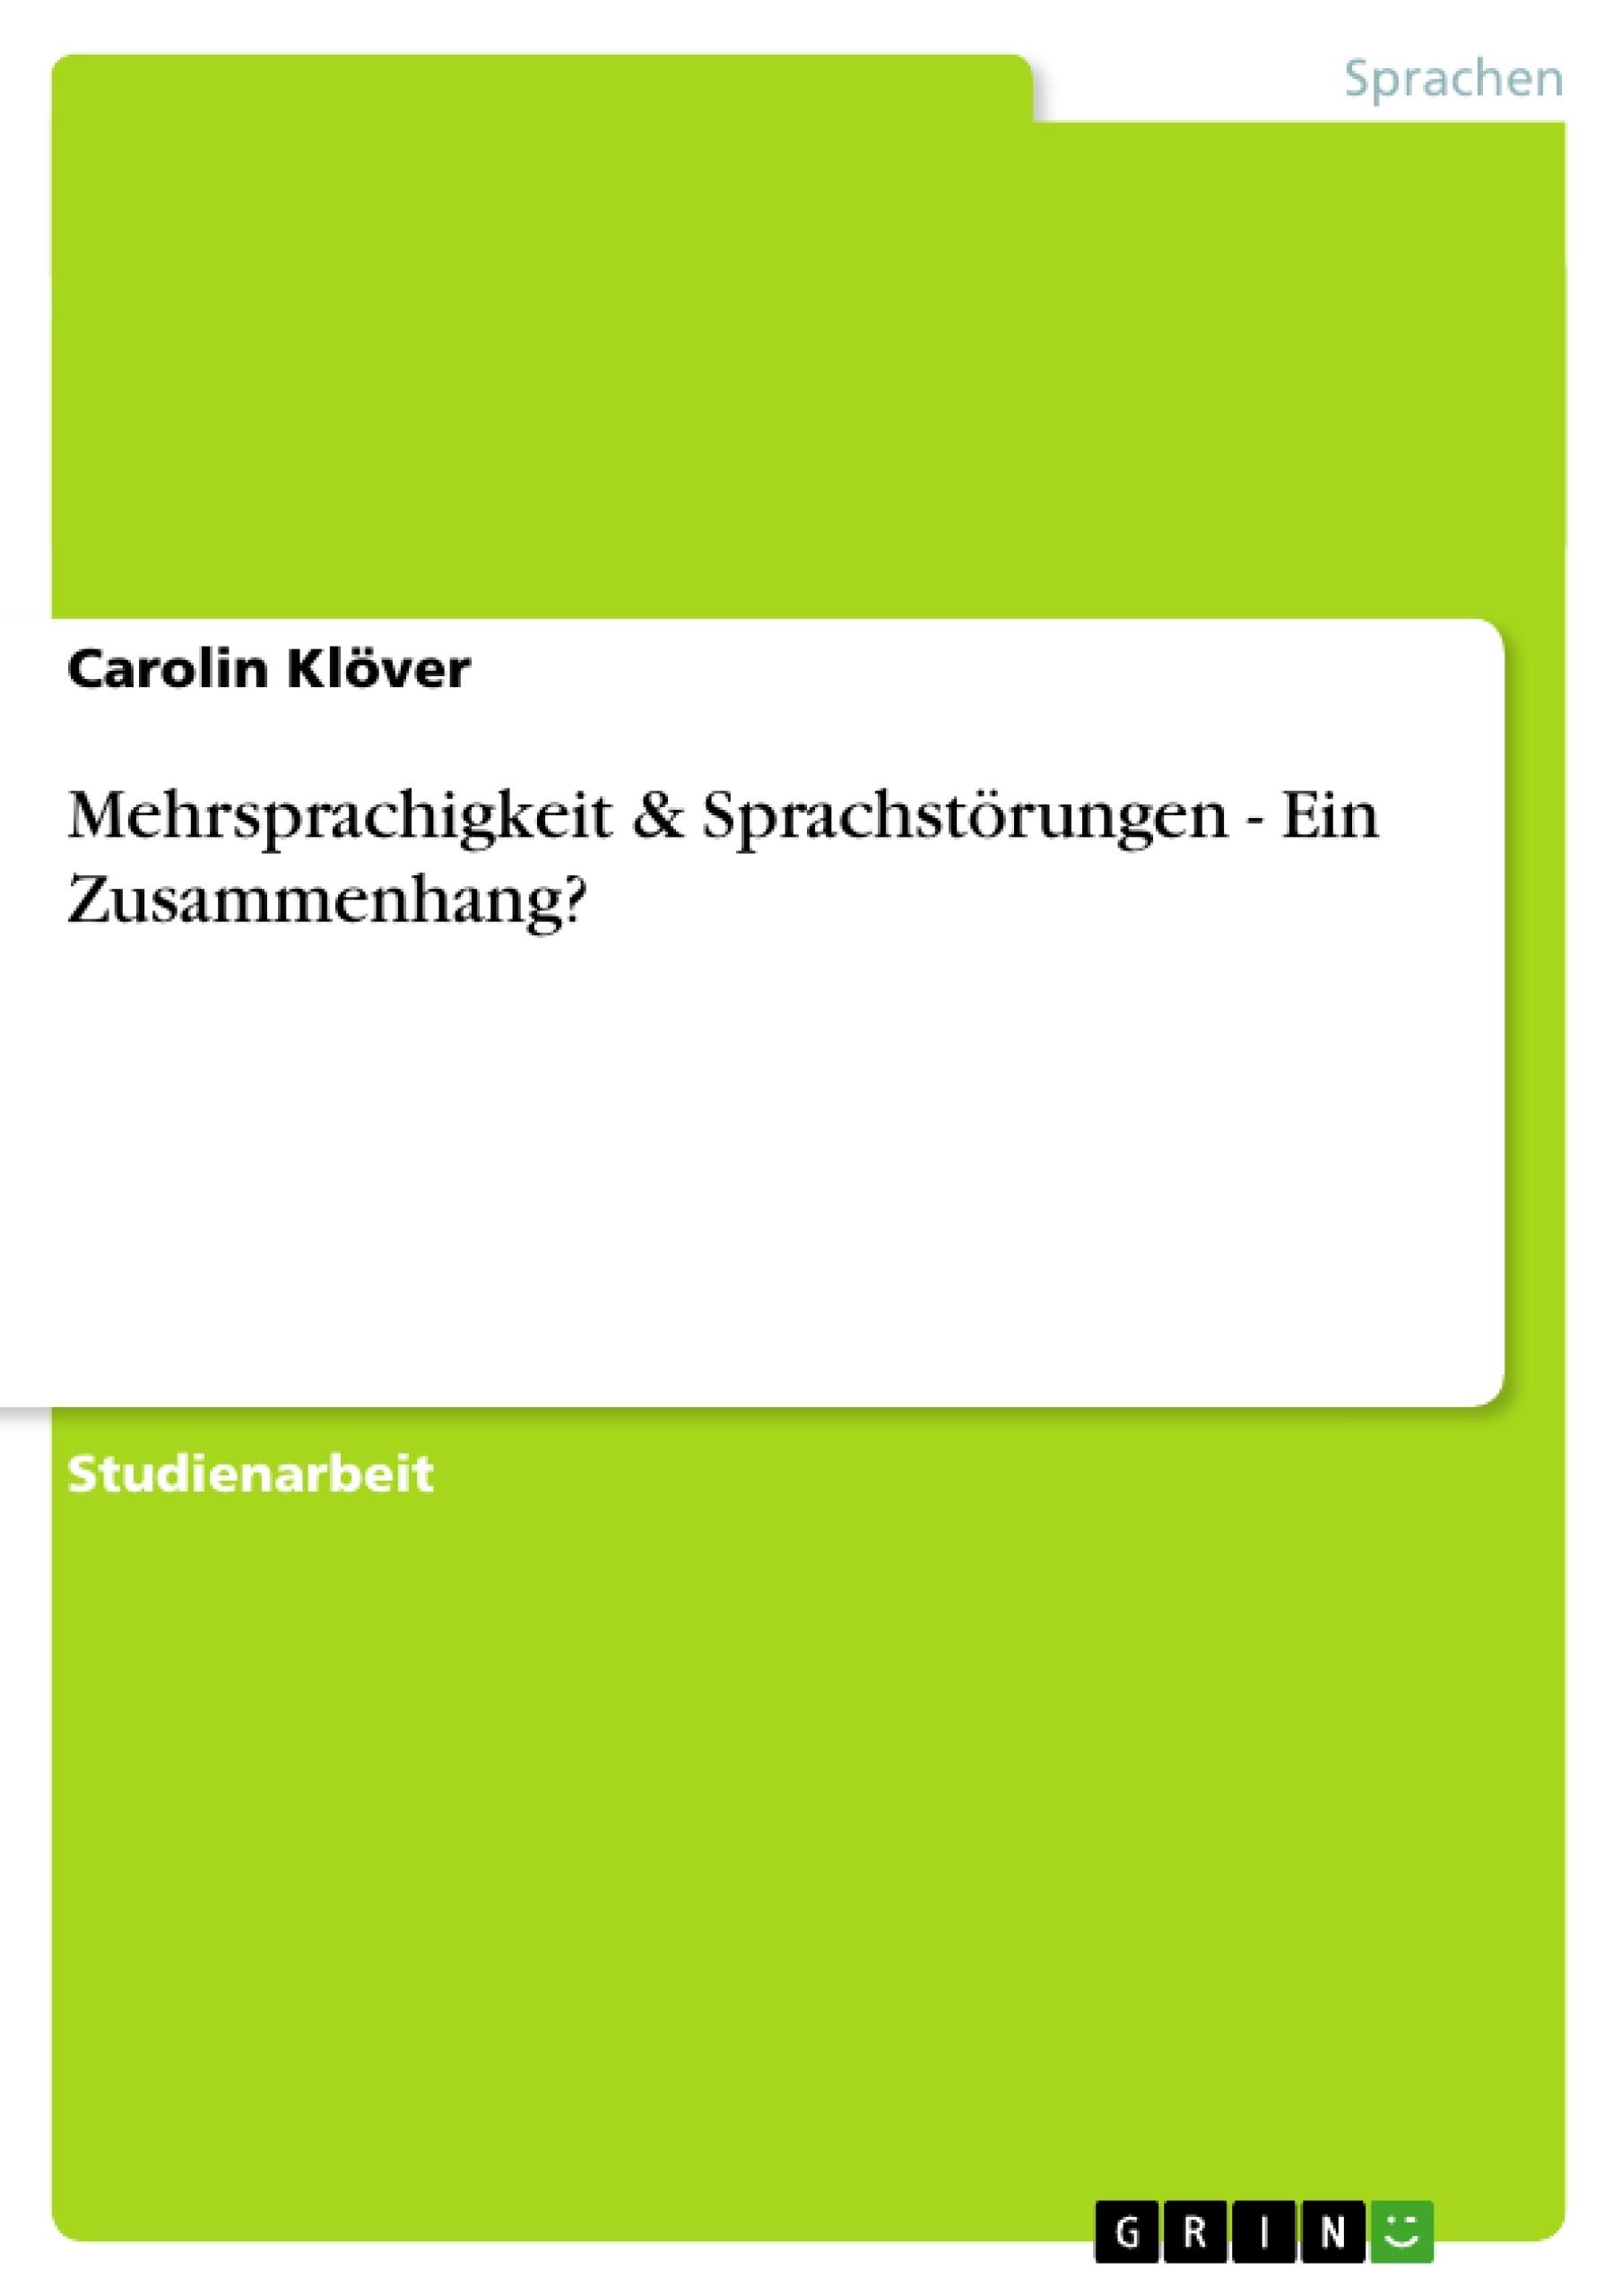 Titel: Mehrsprachigkeit & Sprachstörungen - Ein Zusammenhang?